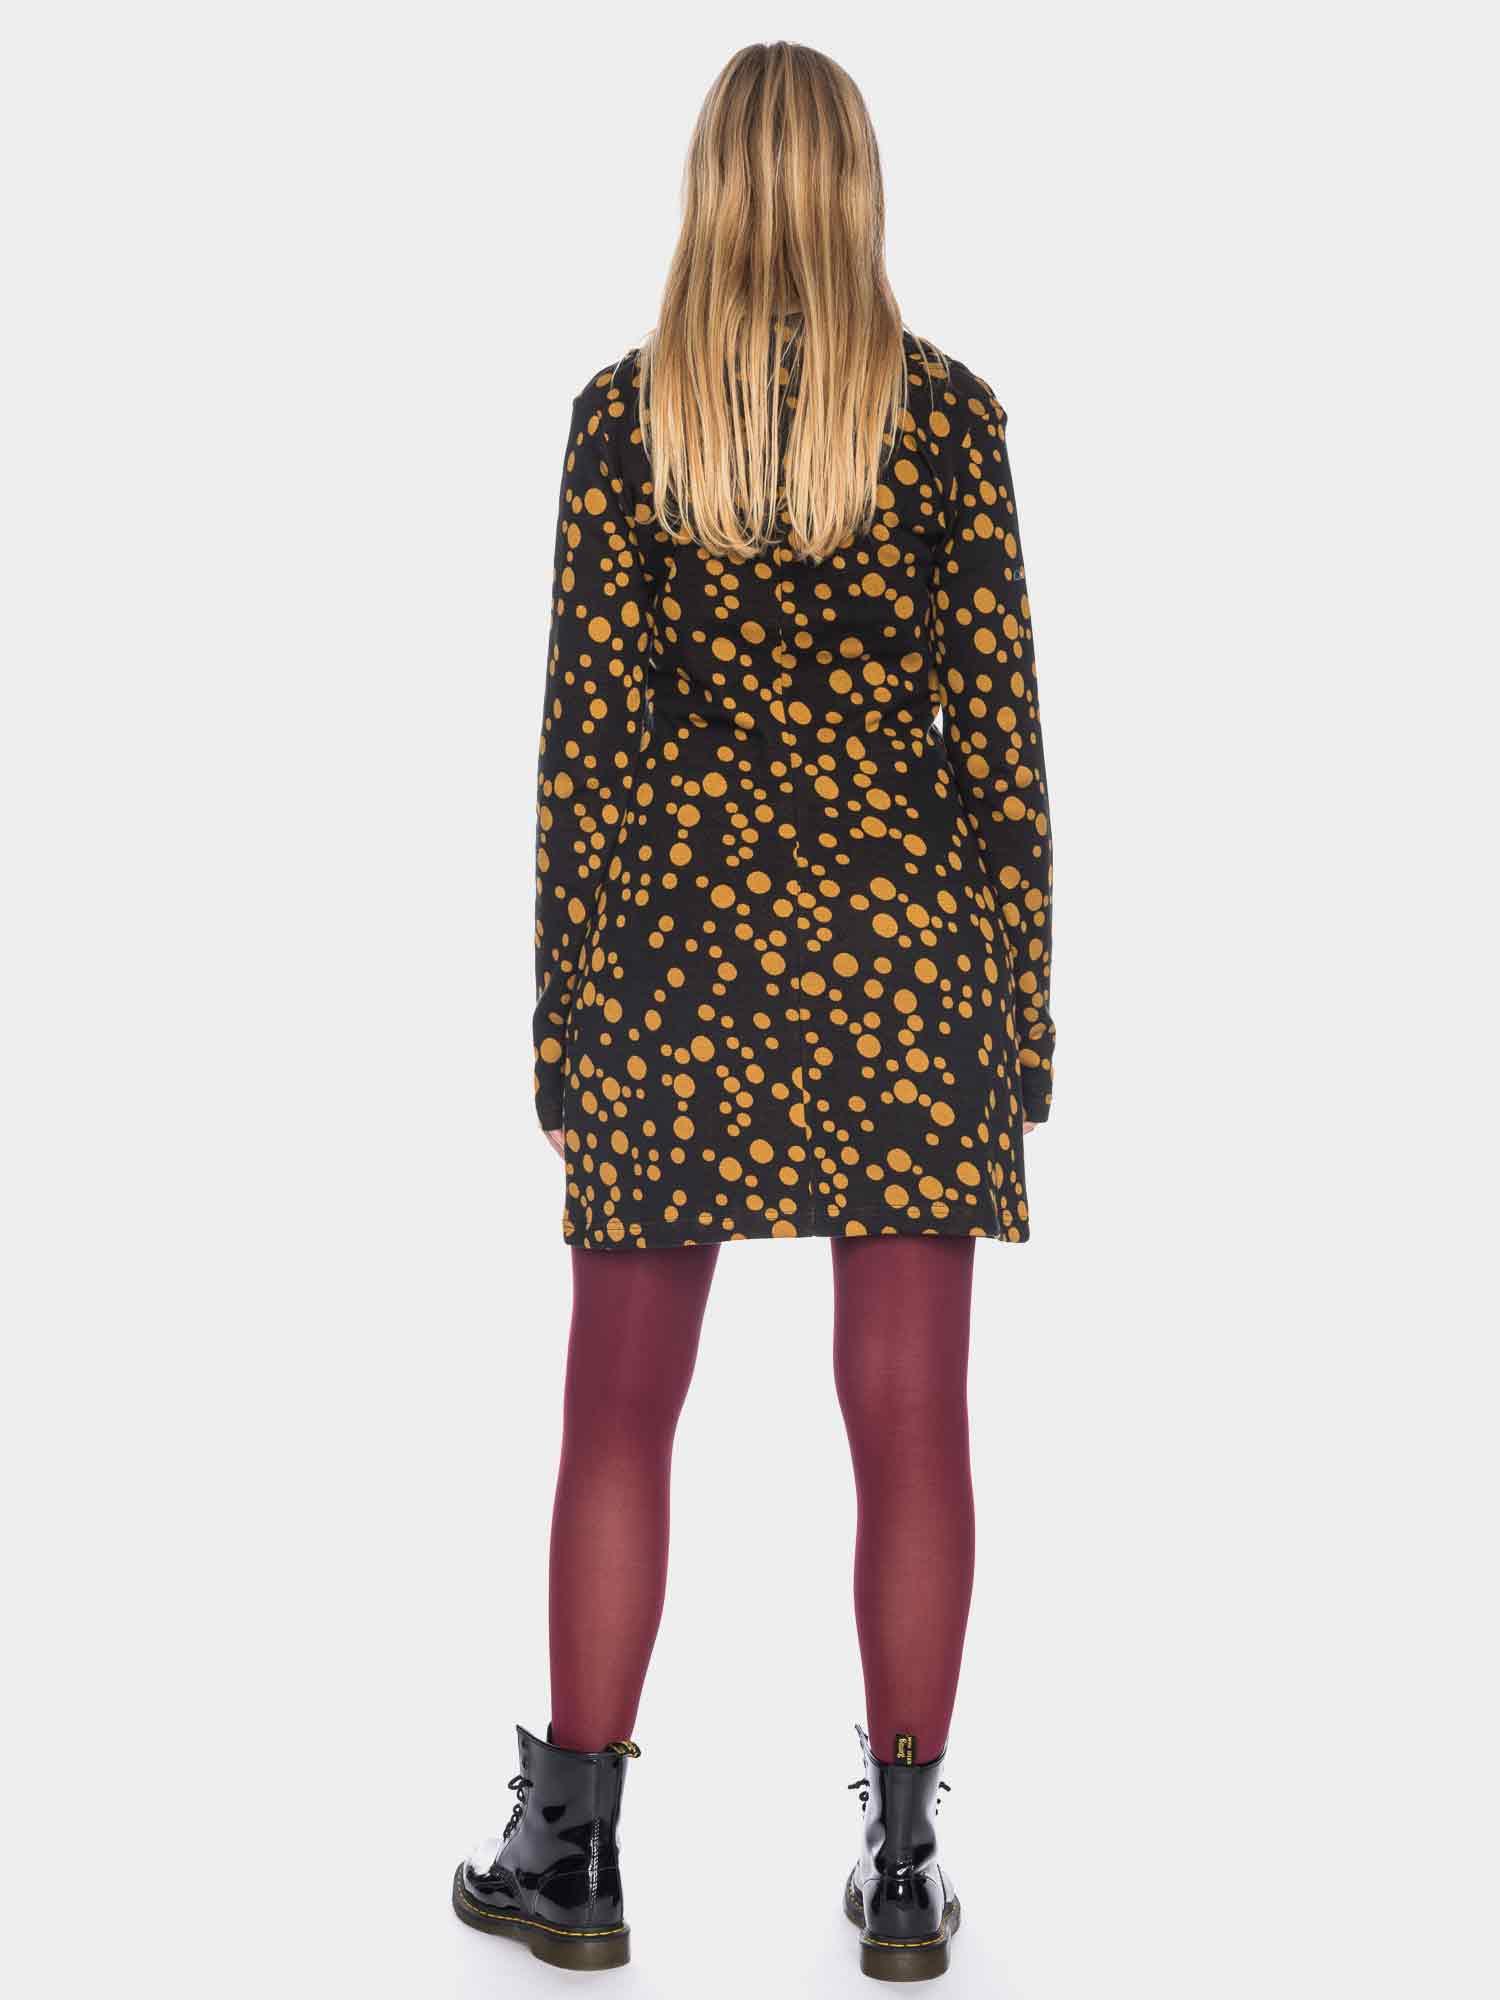 ATO Kleid aus Baumwollstrick mit Punkten, GOTS, Bio ...